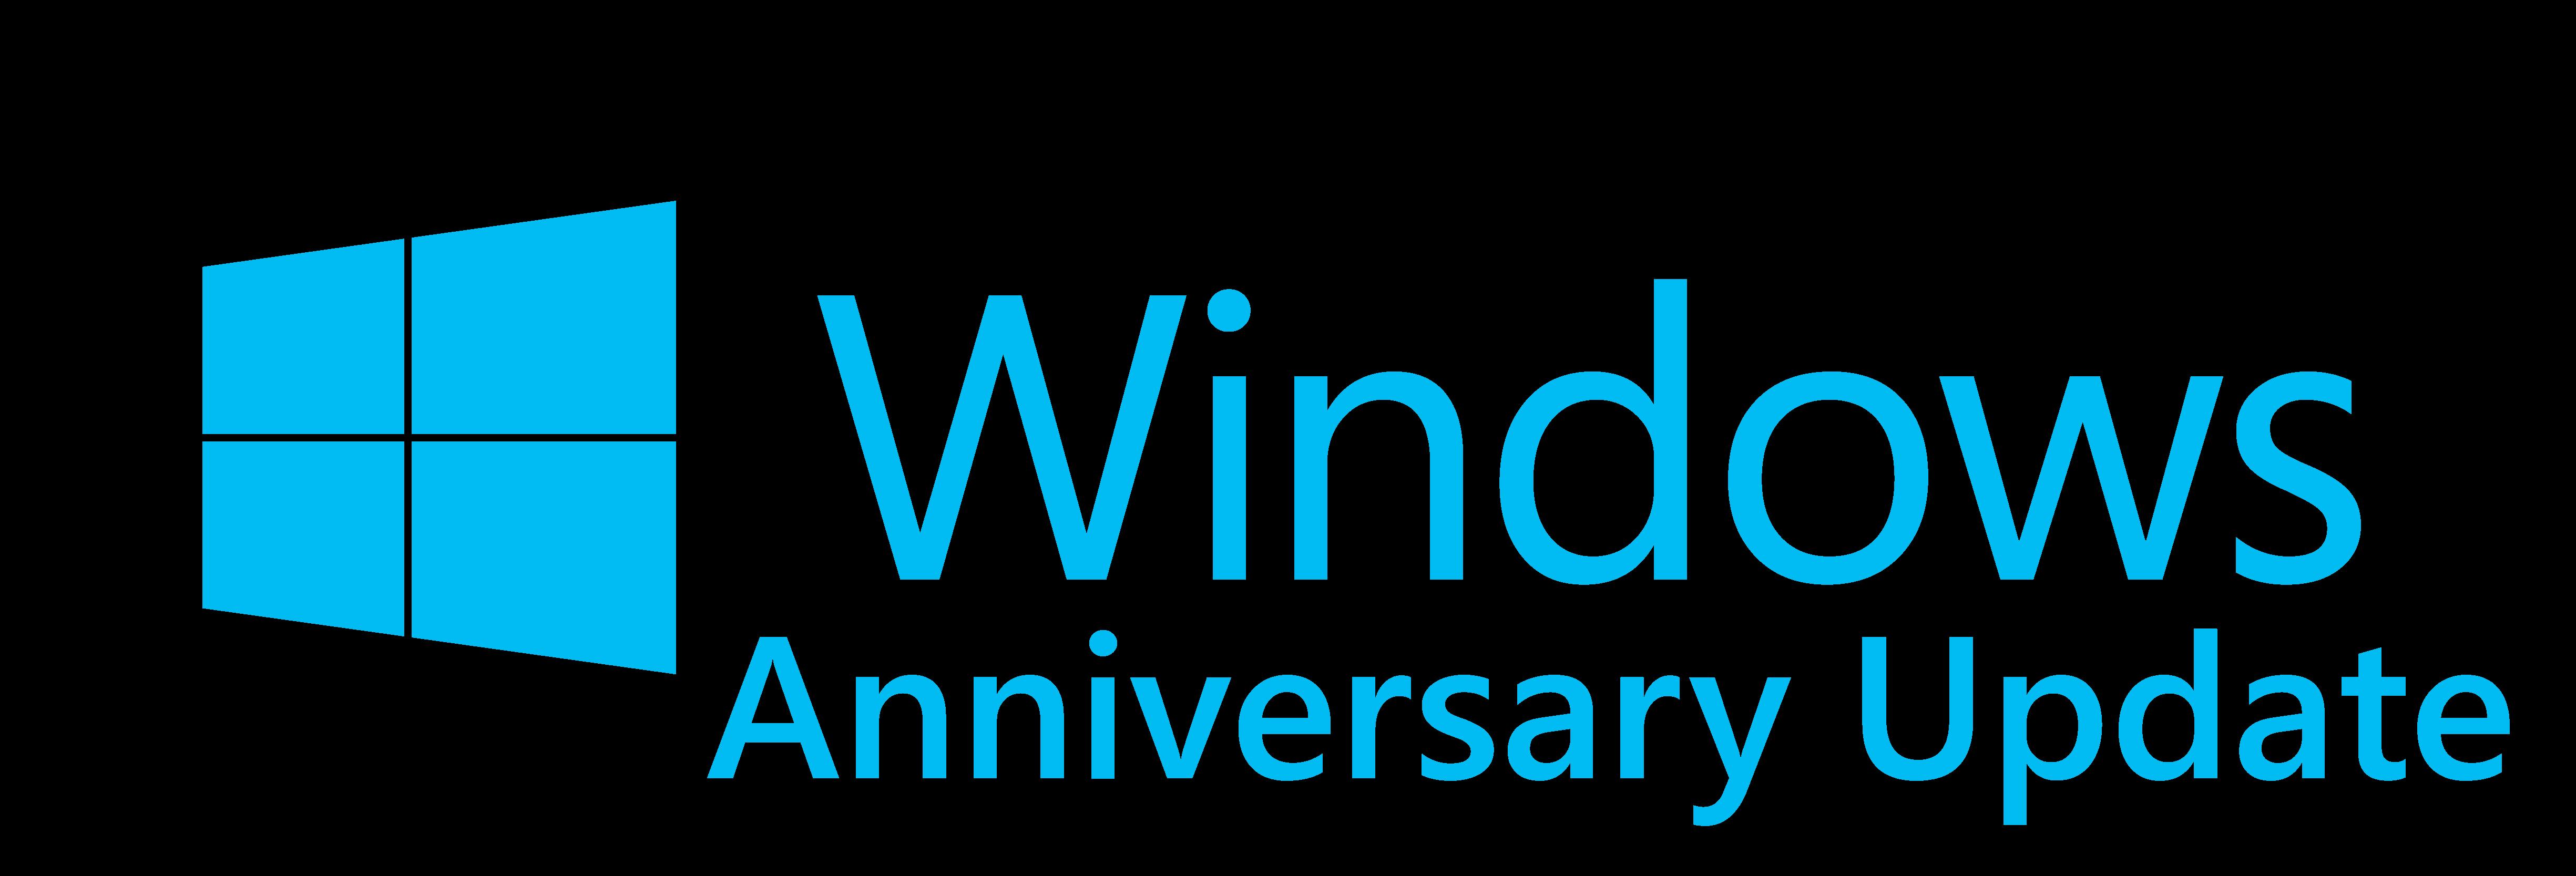 Das neue Anniversary Update für Windows 10